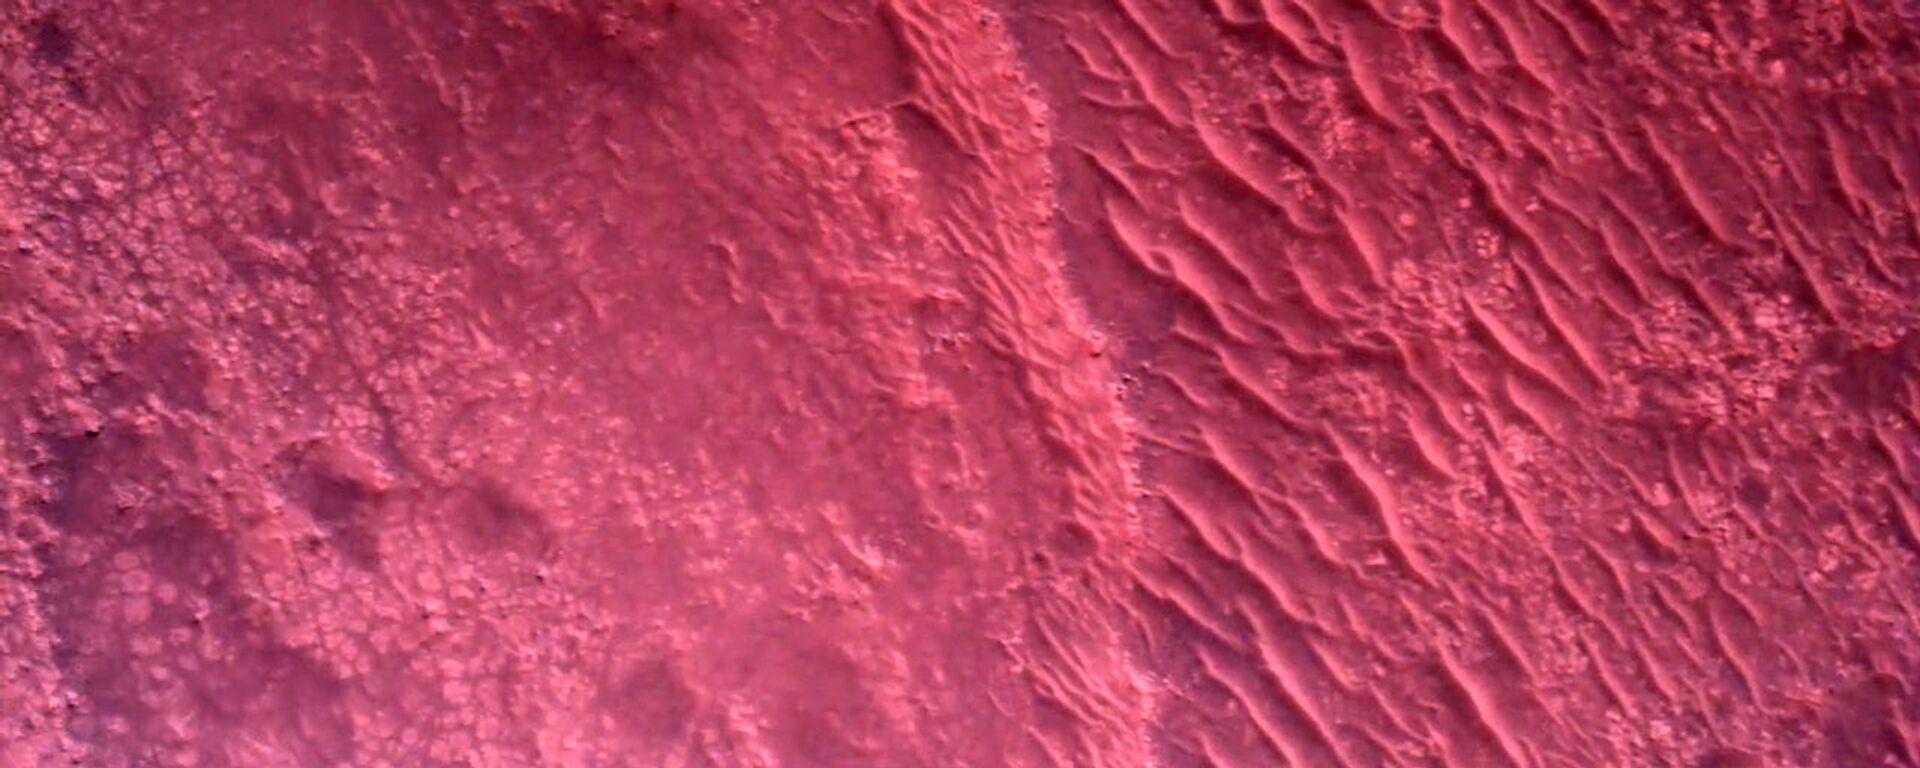 Поверхность Марса - Sputnik Ўзбекистон, 1920, 24.08.2021